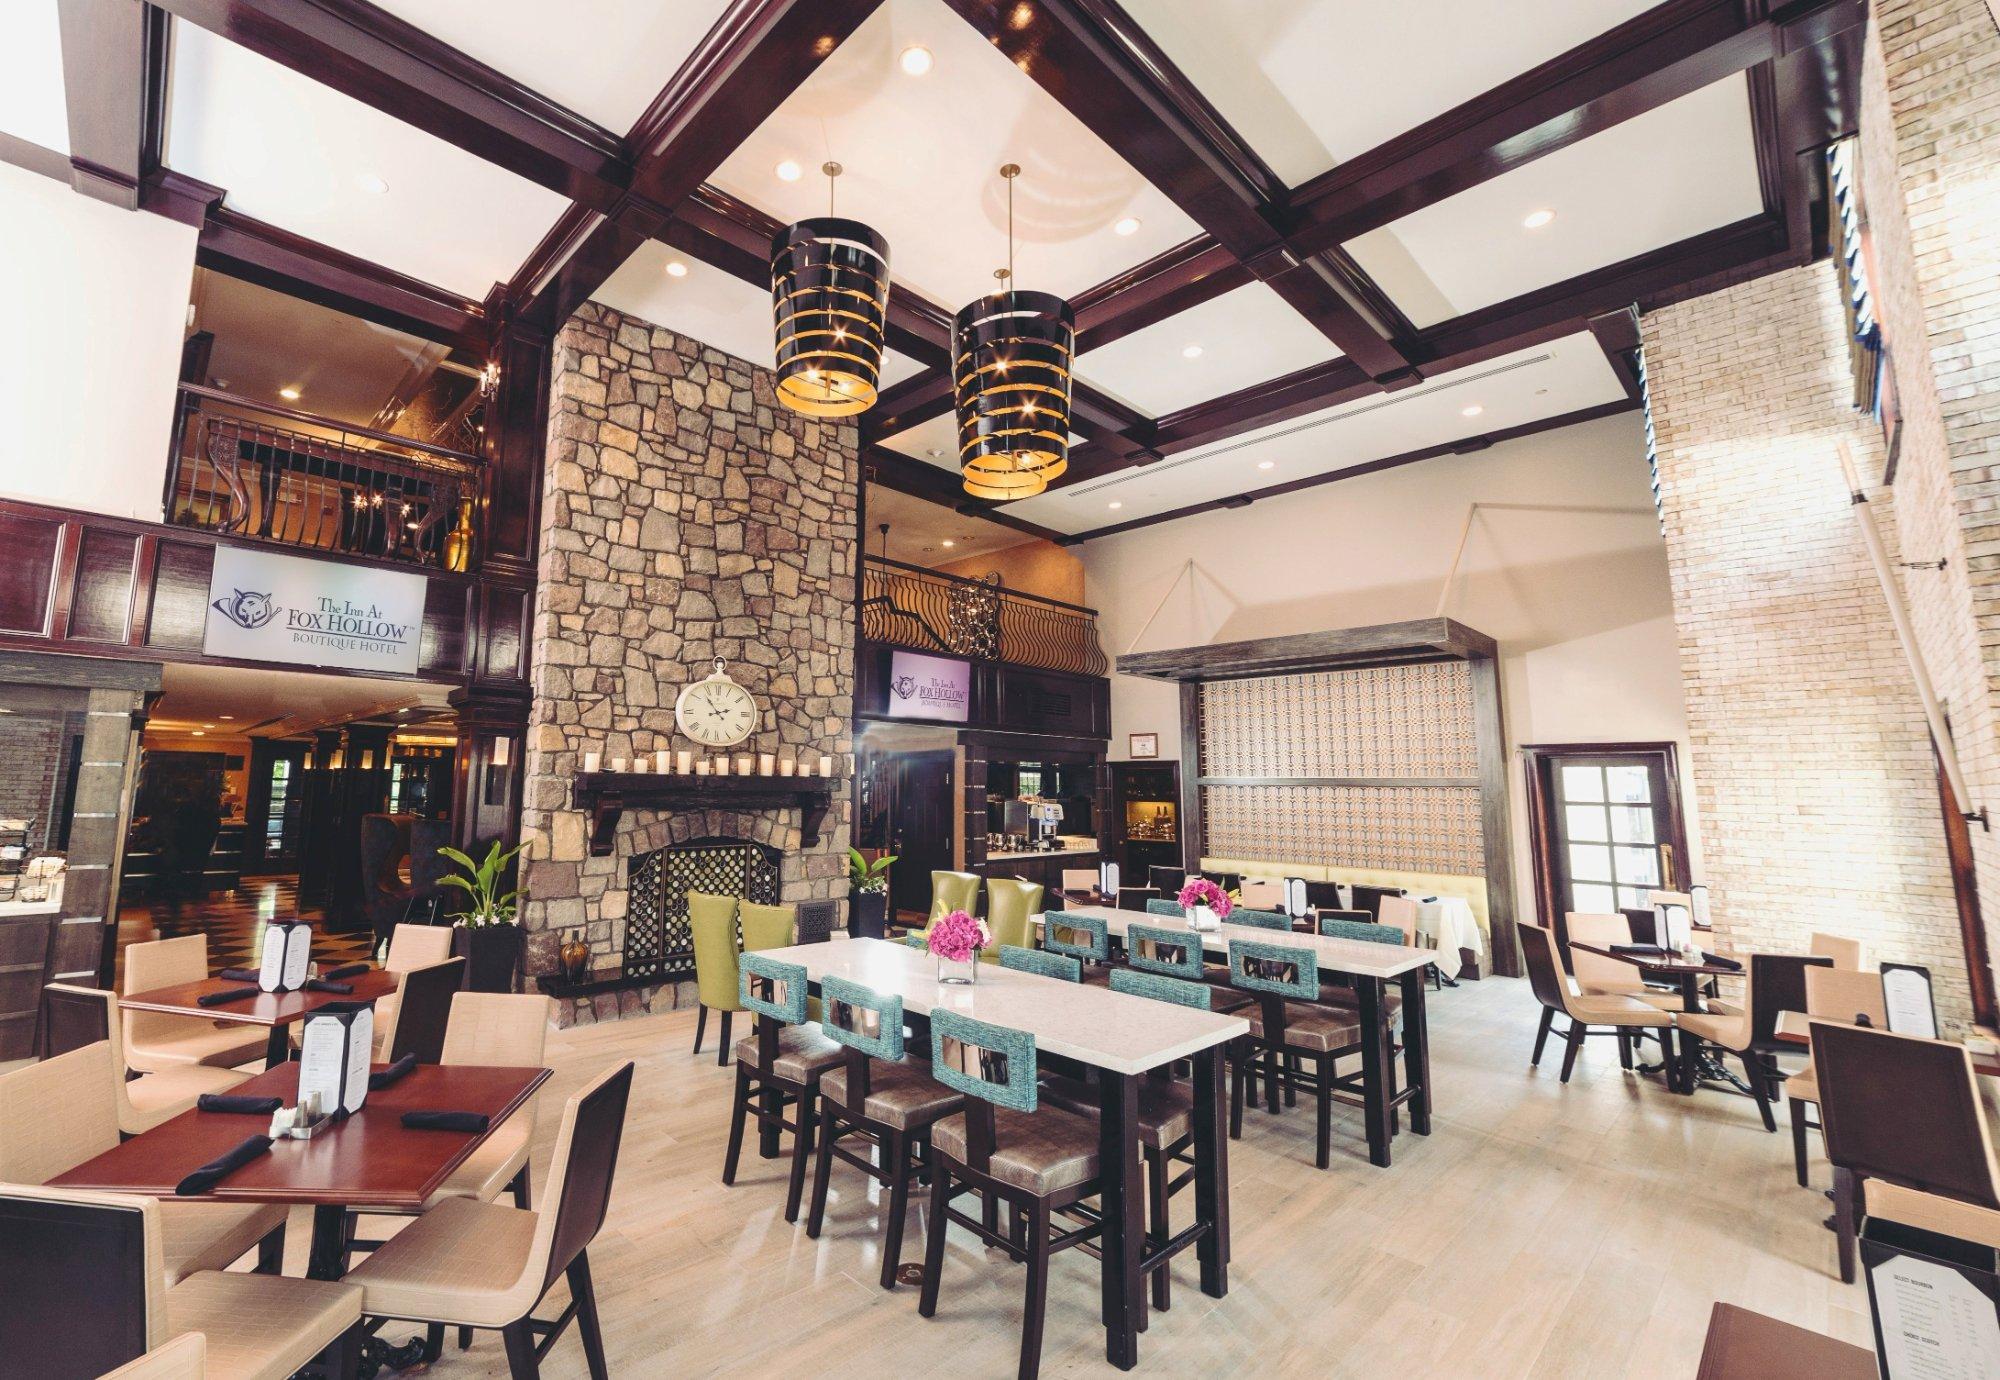 The Inn At Fox Hollow Hotel Woodbury NY 2018 Review Family